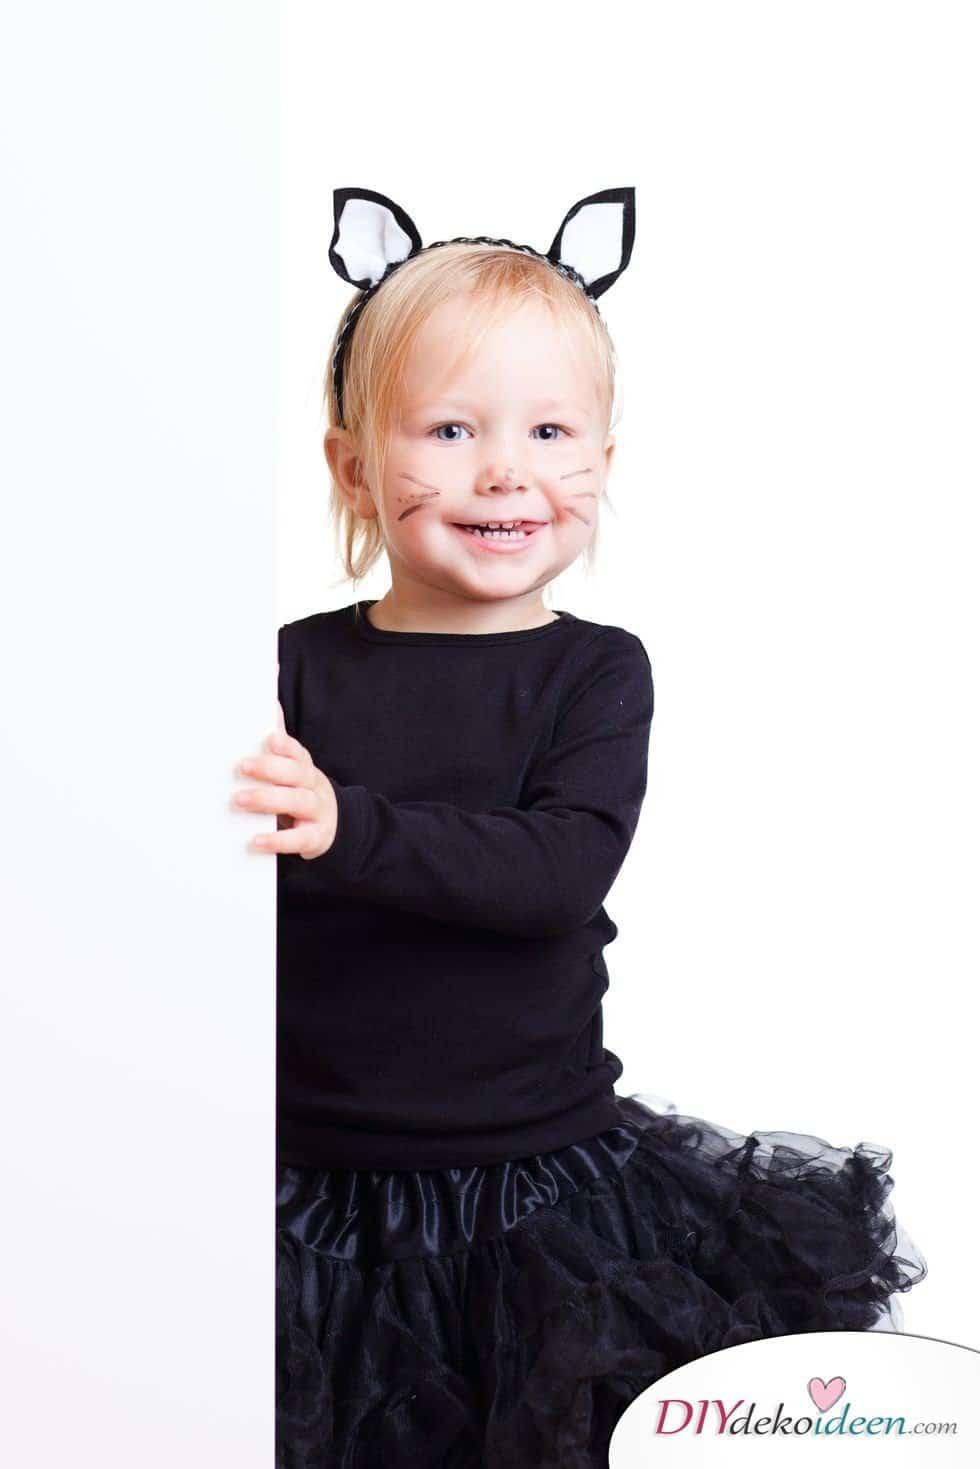 15 witzige Halloween Kostüm Ideen für Kinder zum selbermachen - Katze- Kinderkostüm